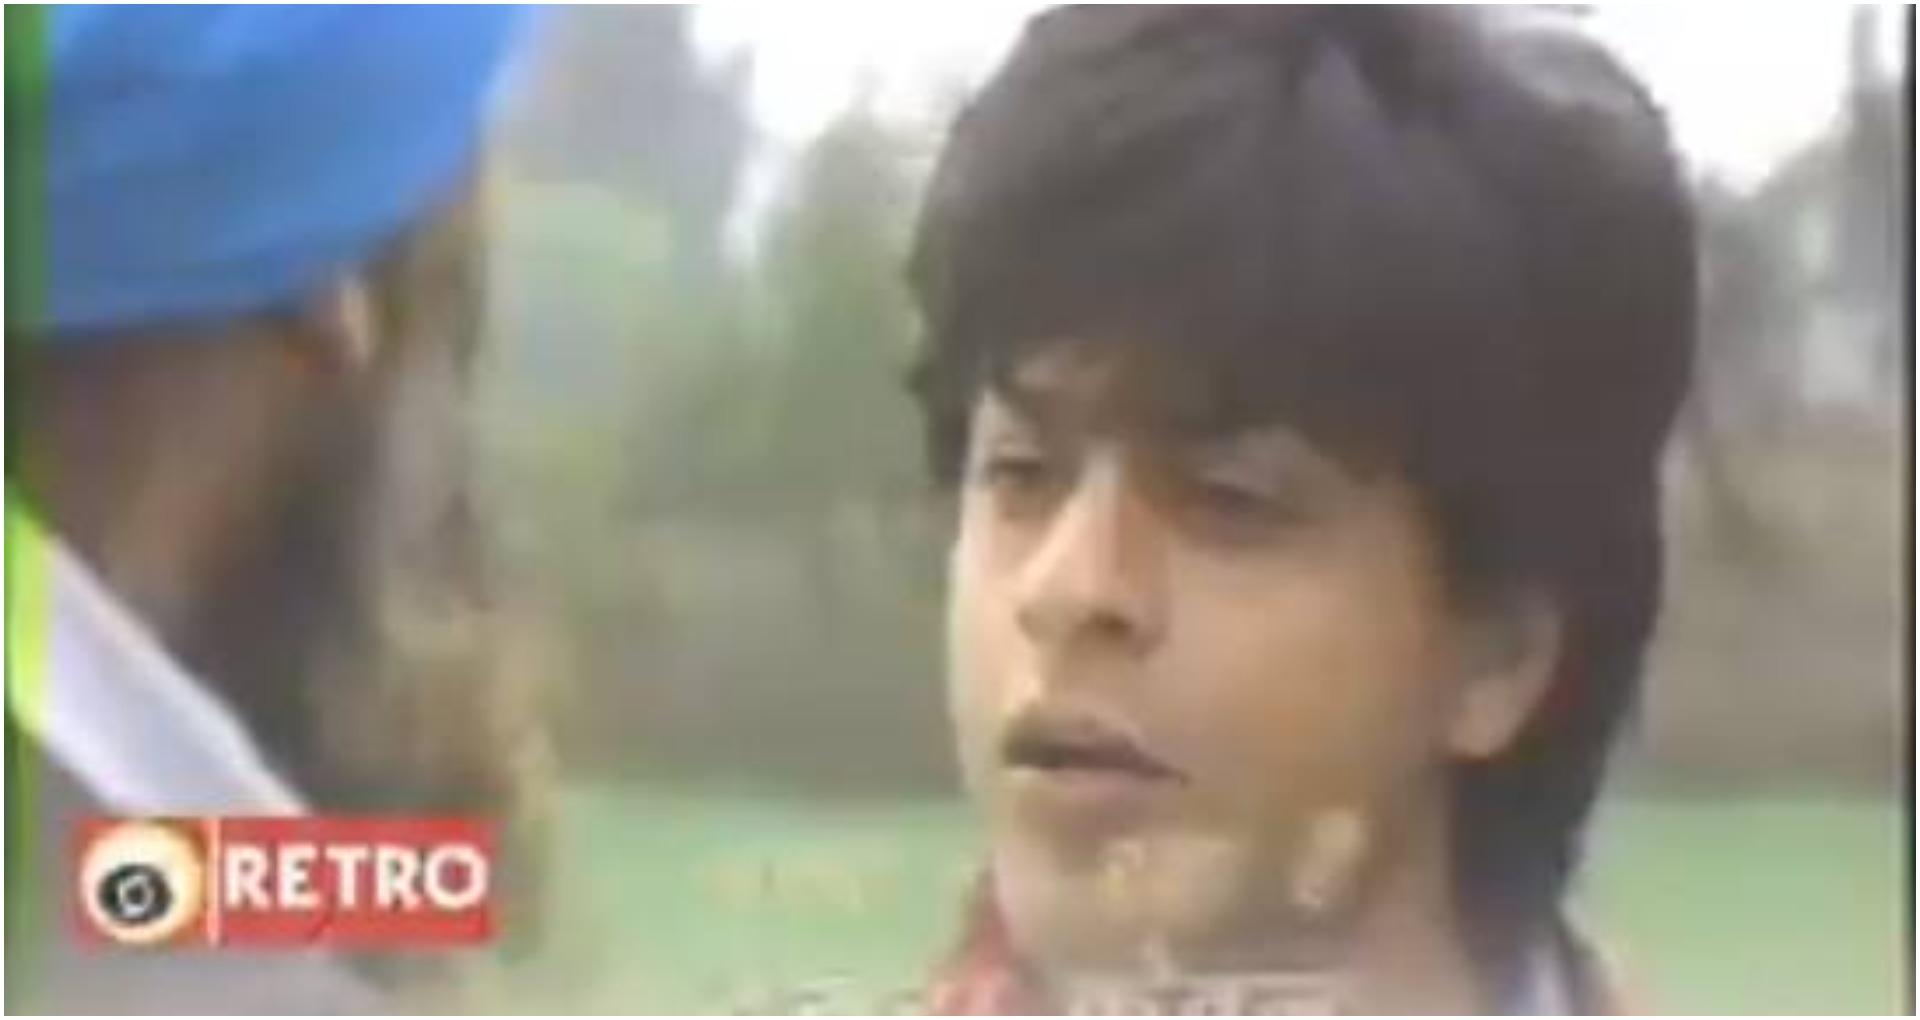 Wow! सर्कस के बाद, शाहरुख खान स्टारर 'दूसरा केवल' सीरियल जल्द दूरदर्शन पर होगा प्रसारित